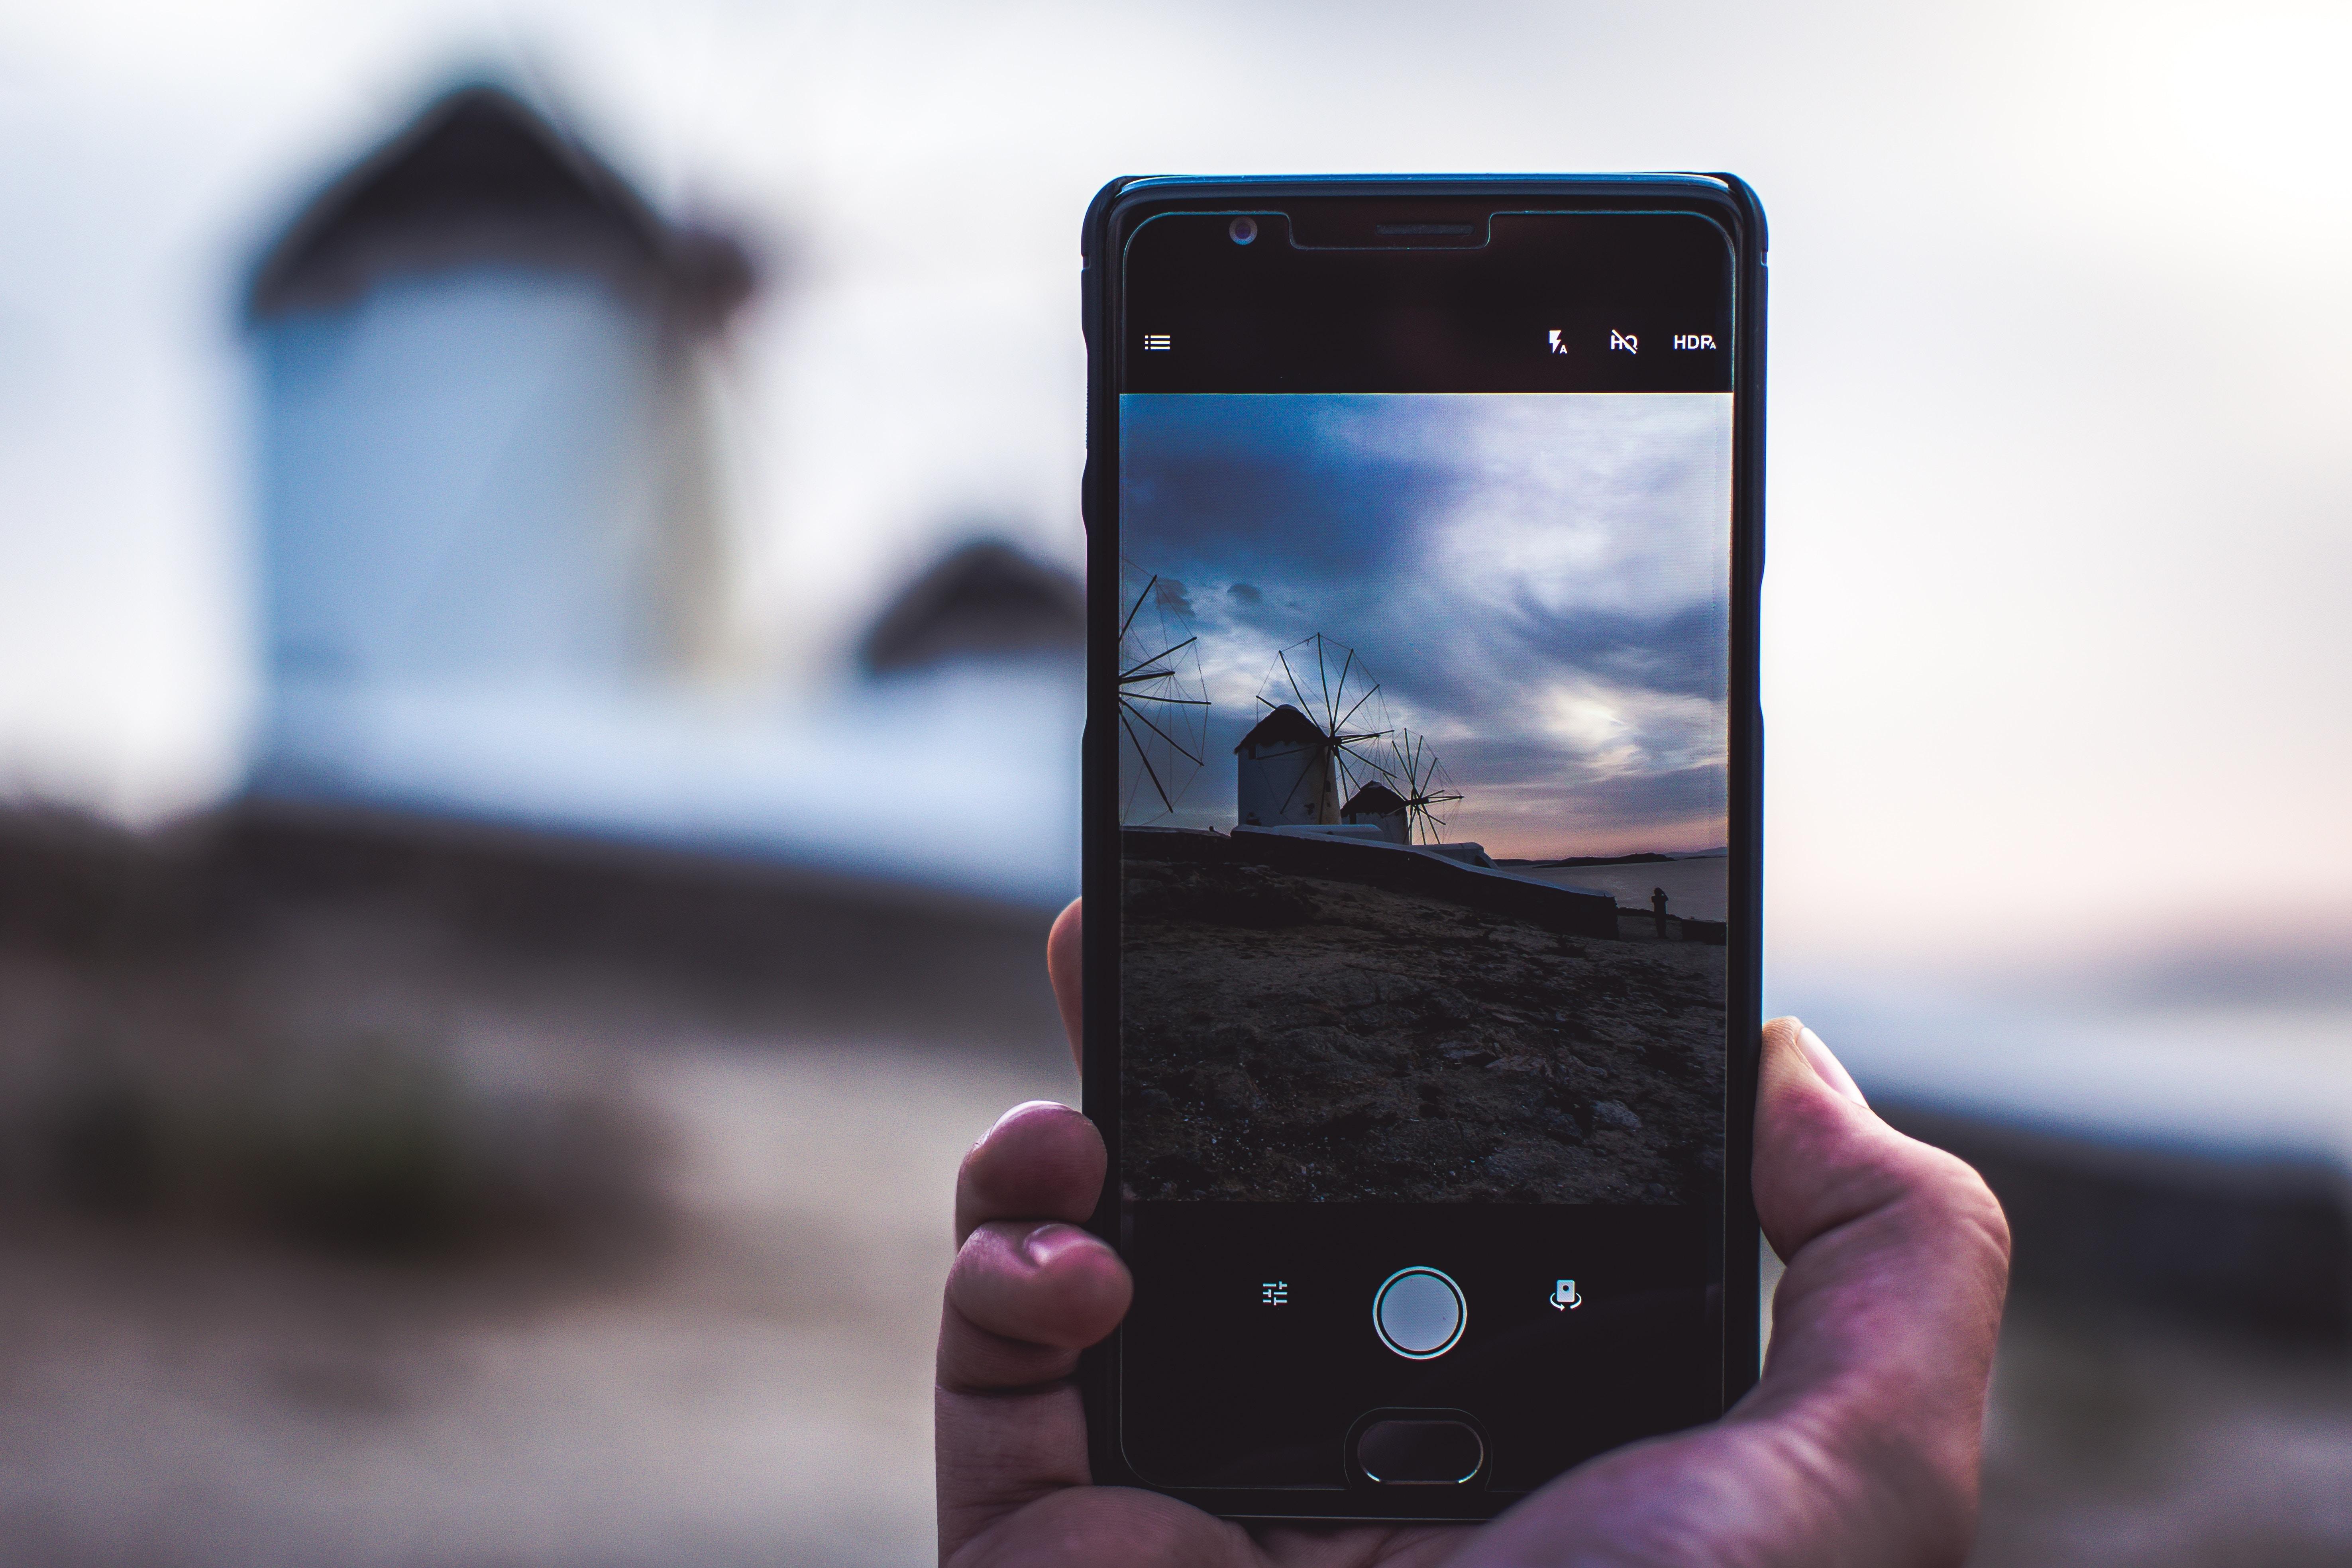 телефон фотографирует но не показывает фото портрет необходим для